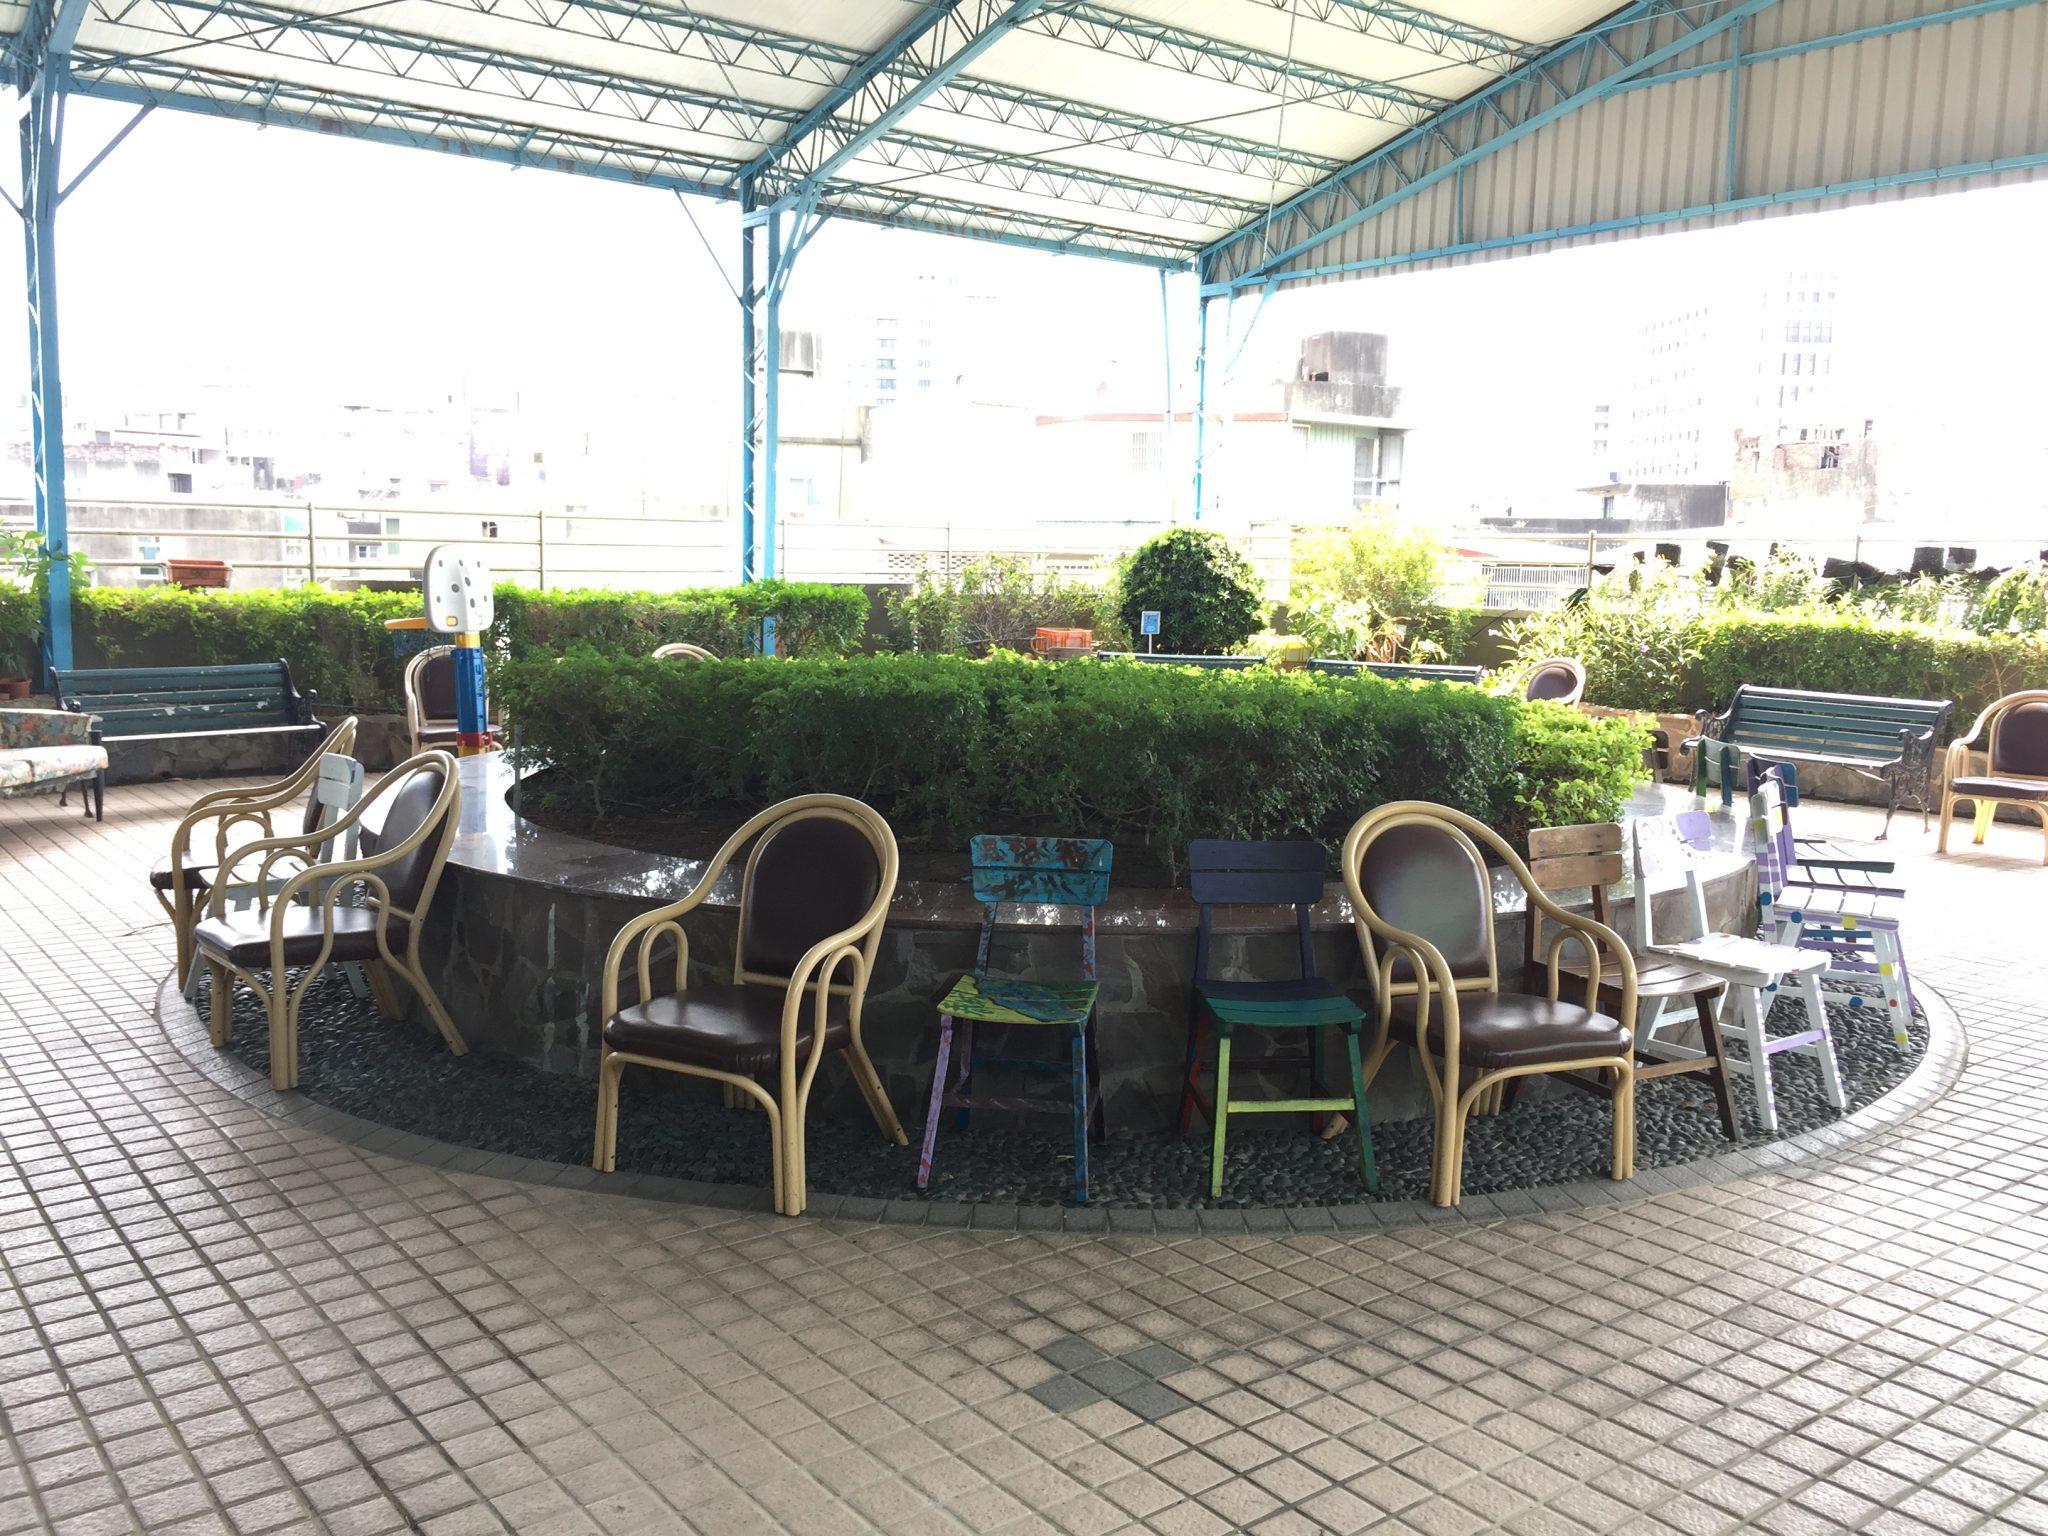 新竹社會服務中心的服務空間放置許多休憩座椅,以滿足長者有經常乘坐的需求。